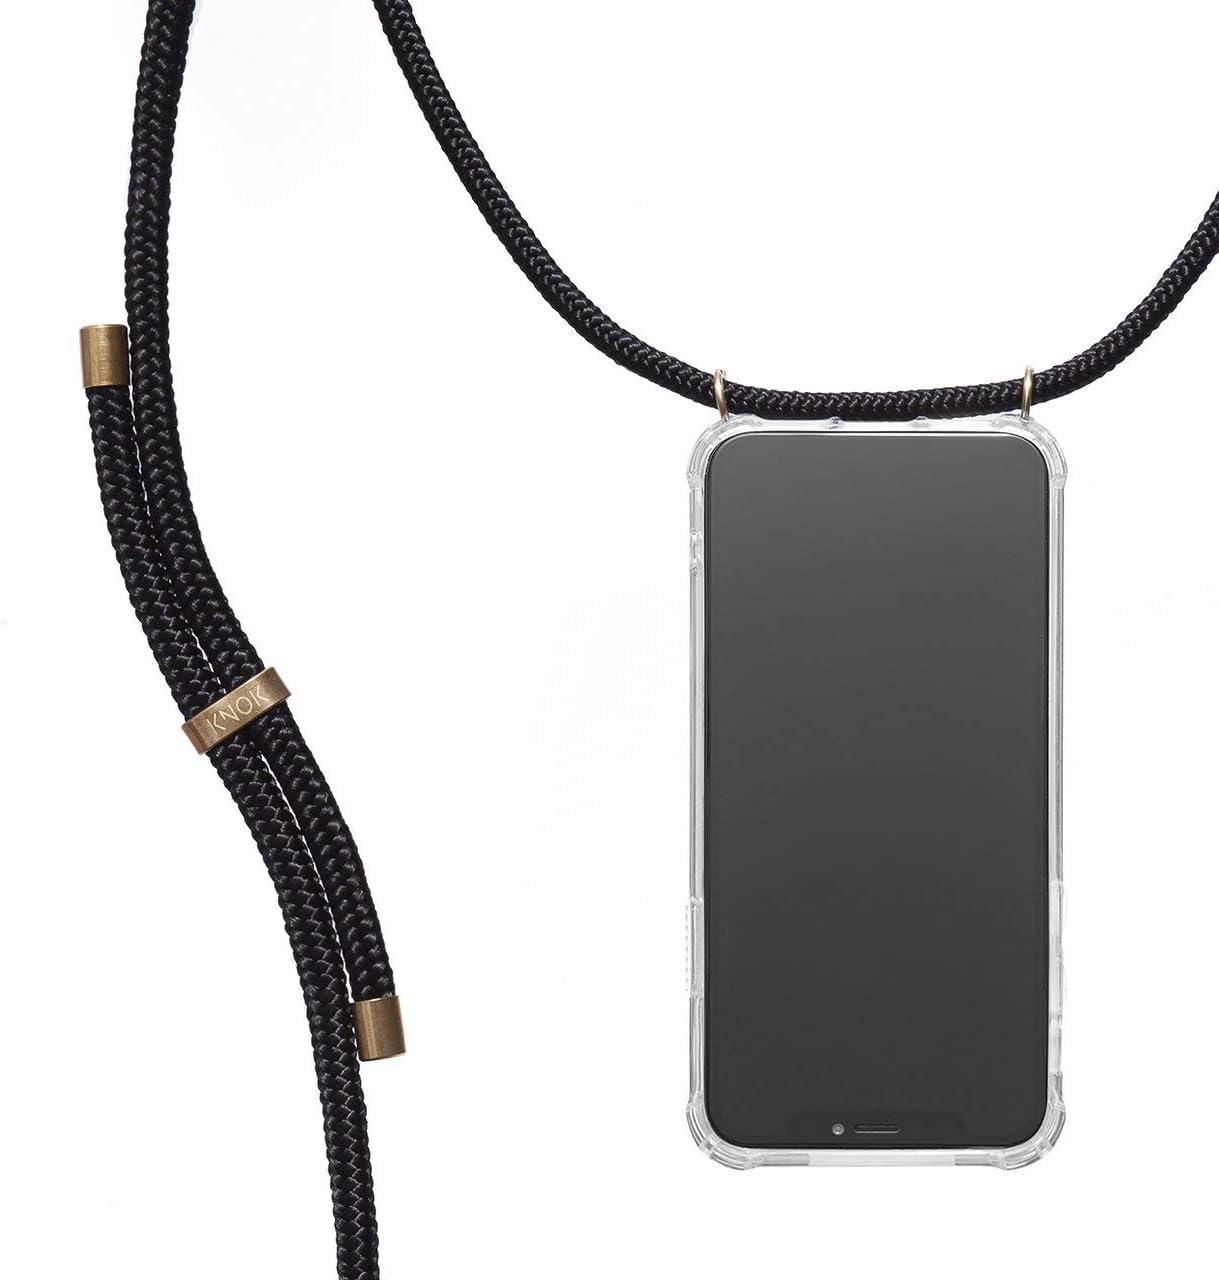 Transparent Case mit Schnur Schutzh/ülle mit Kordel in Tarngr/ün Handyh/ülle f/ür Smartphone zum Umh/ängen KNOK Handykette Kompatibel mit Samsung Note 10 Plus Silikon H/ülle mit Band